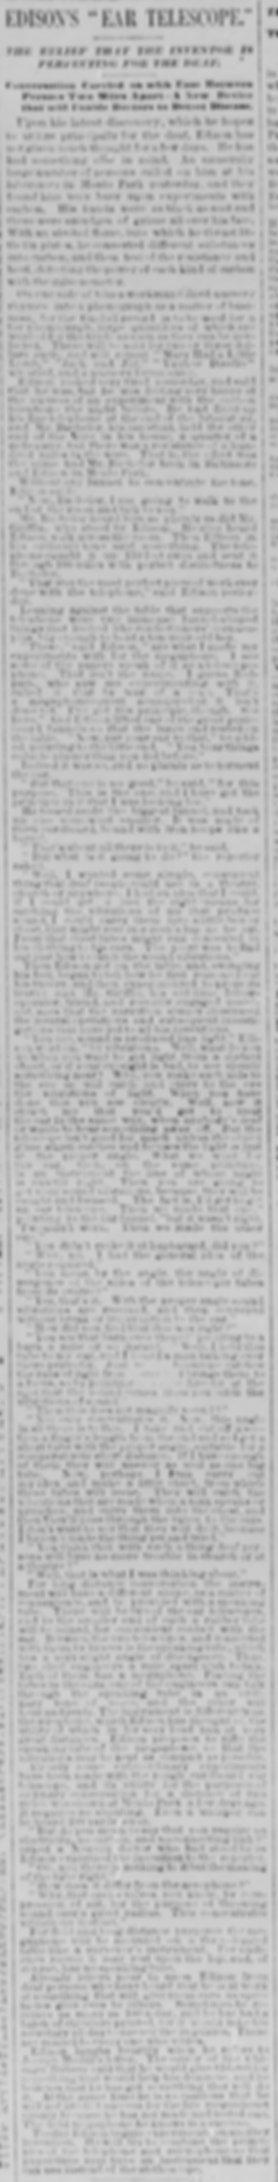 THE SUN 8 June 1878.jpg